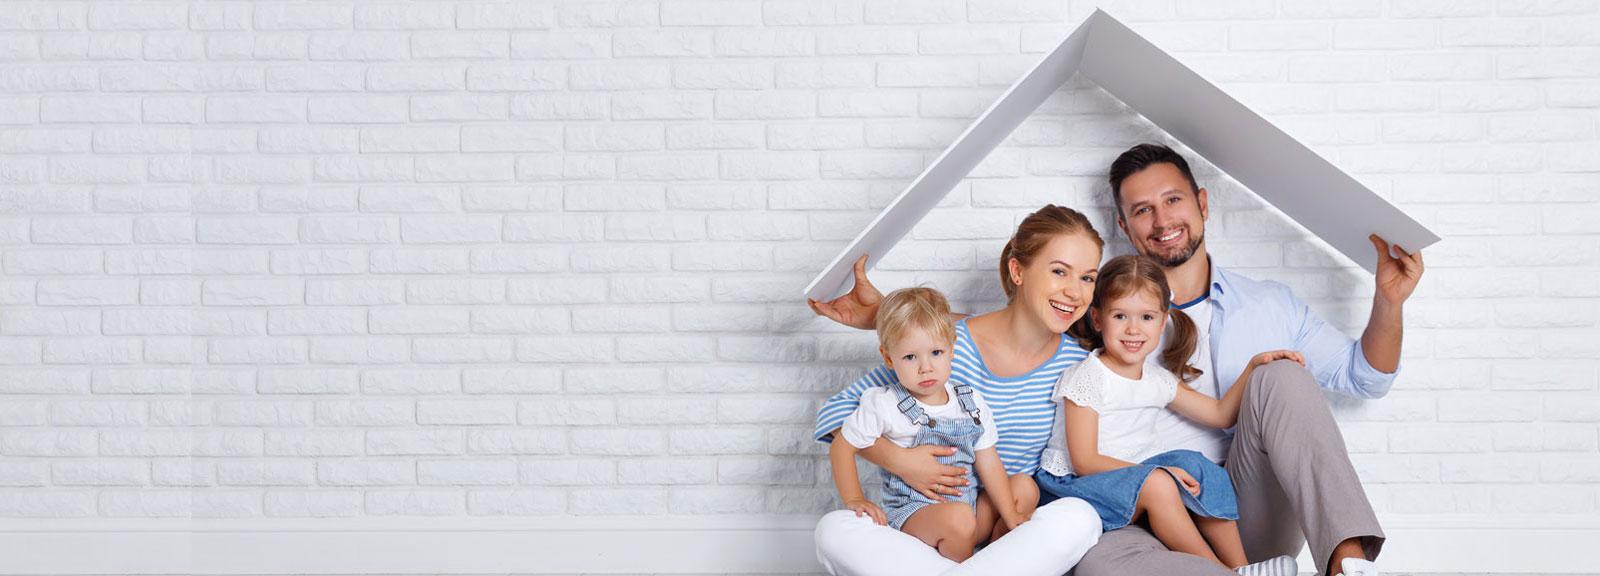 Nejvýhodnější hypotéka refico srovnani hypotek